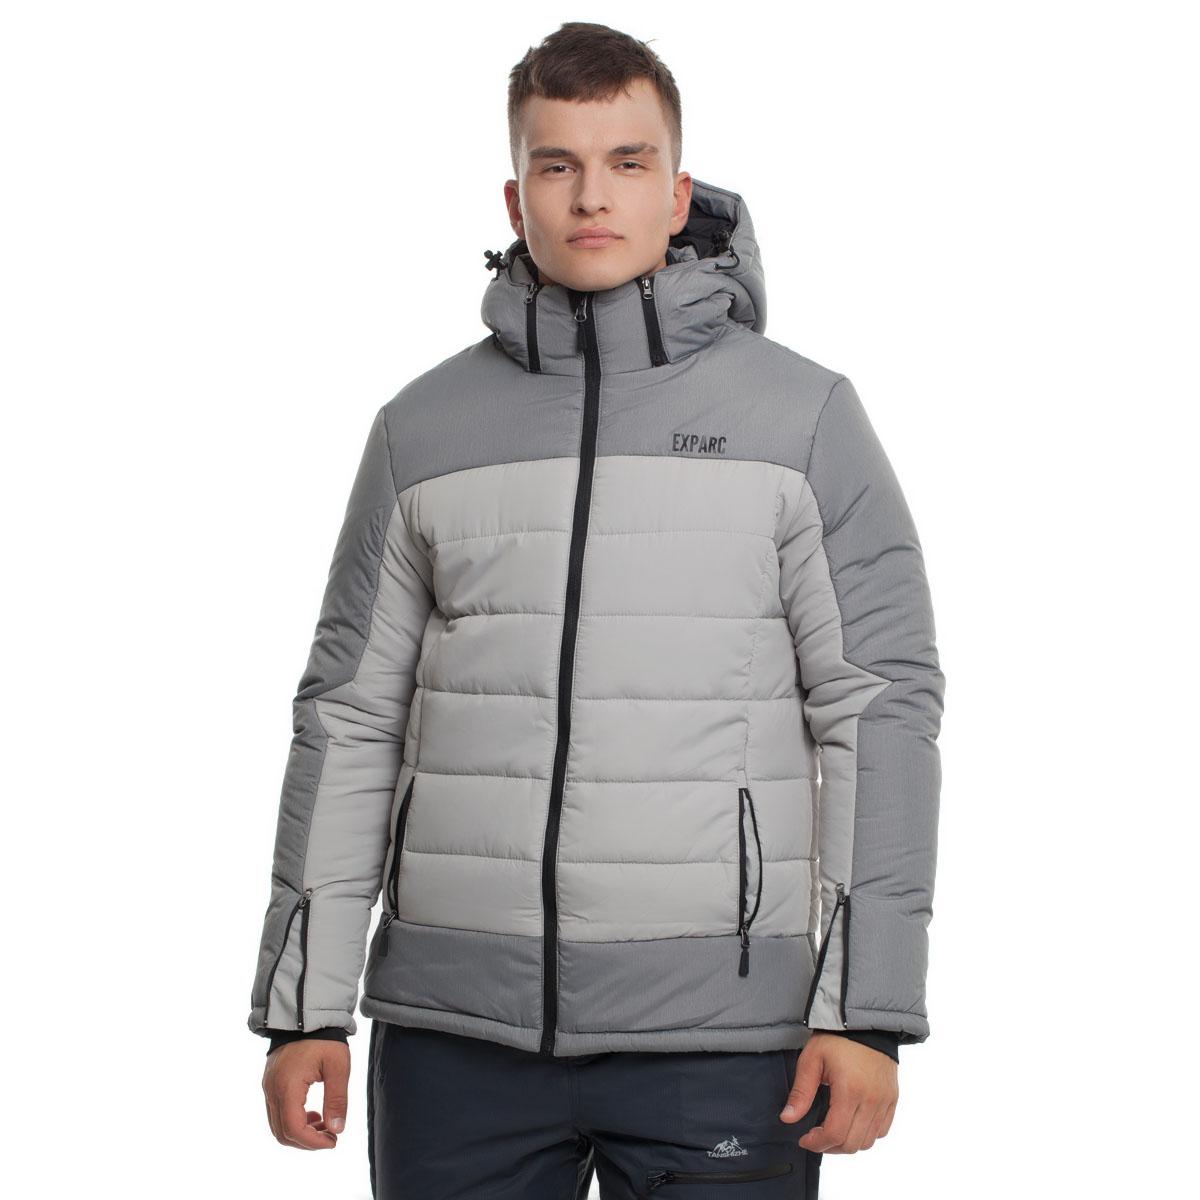 Куртка горнолыжная Exparc, DH-21130